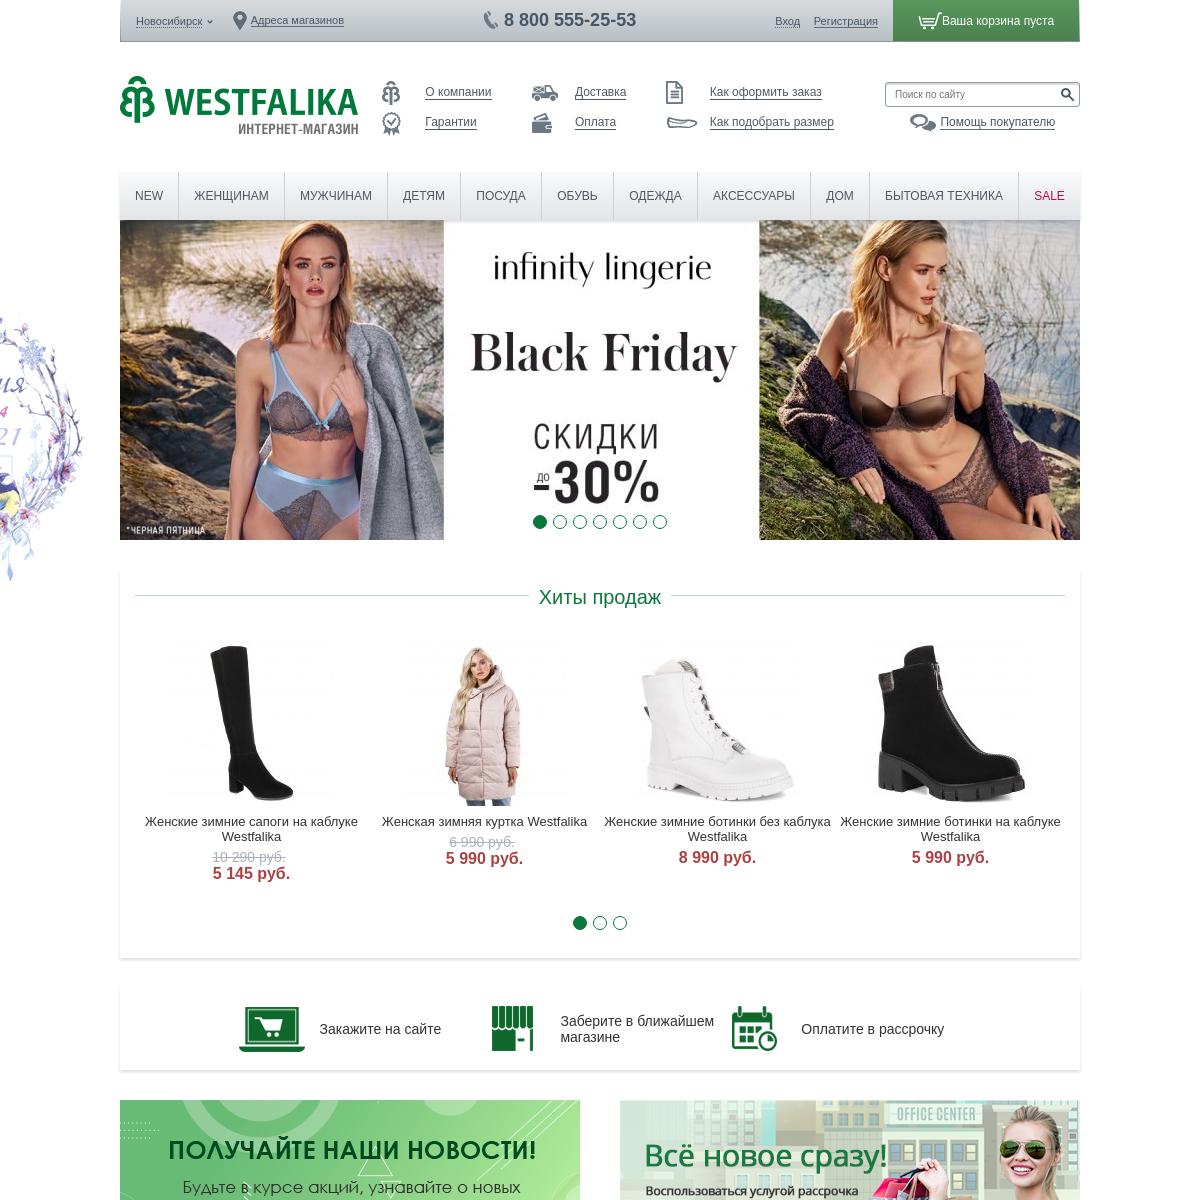 Интернет магазин обуви Westfalika ★ – купить онлайн обувь с доставкой